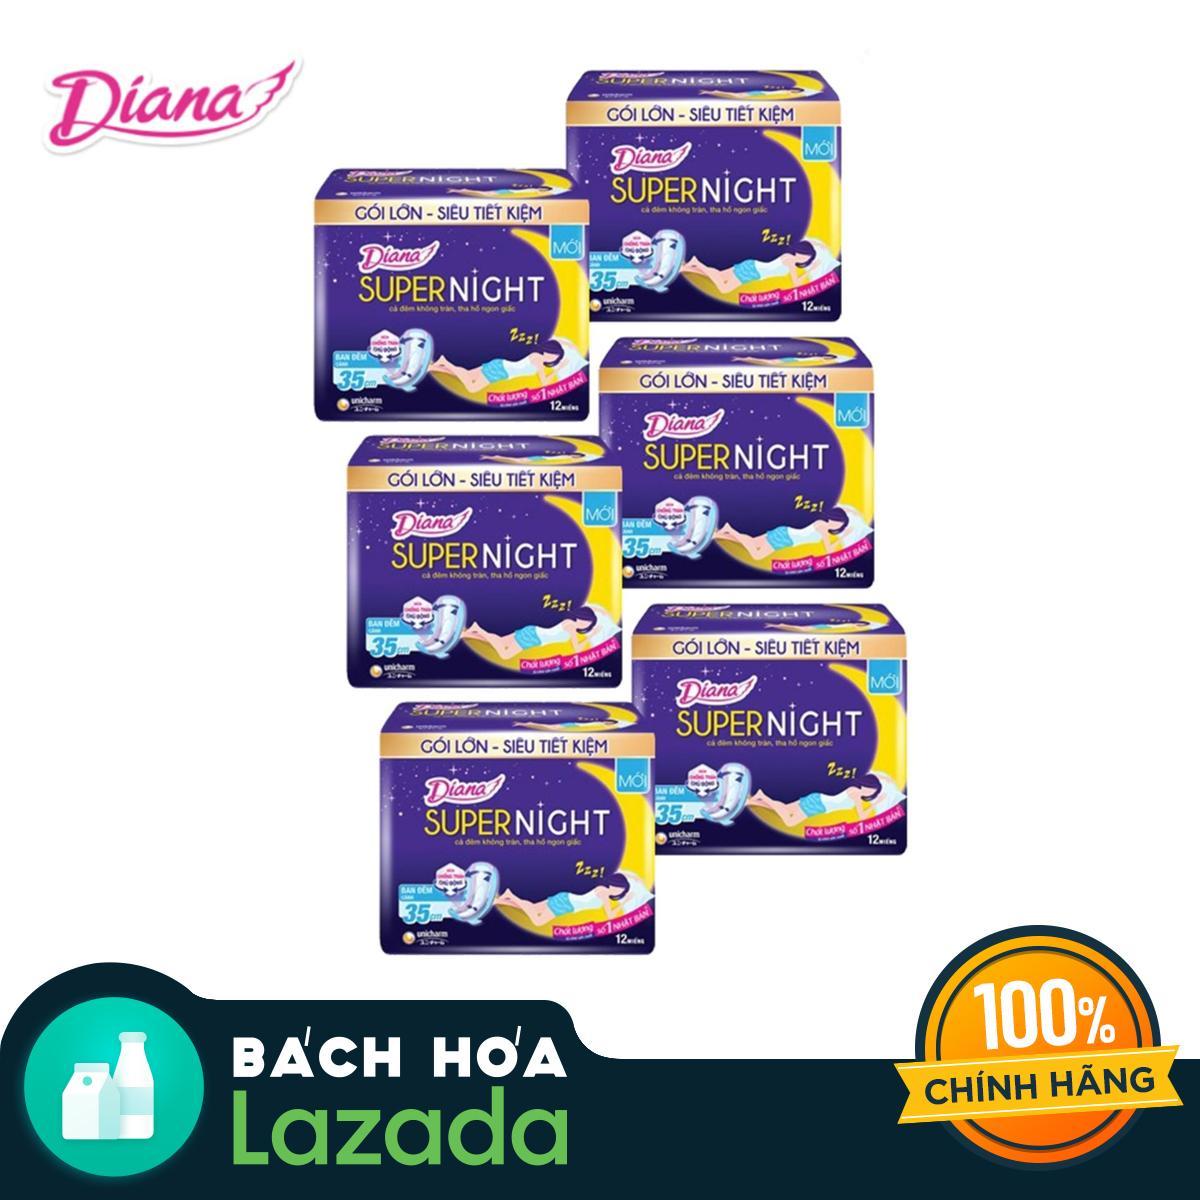 Bộ 6 gói Băng vệ sinh Diana SUPER NIGHT 29cm Gói 4 miếng nhập khẩu